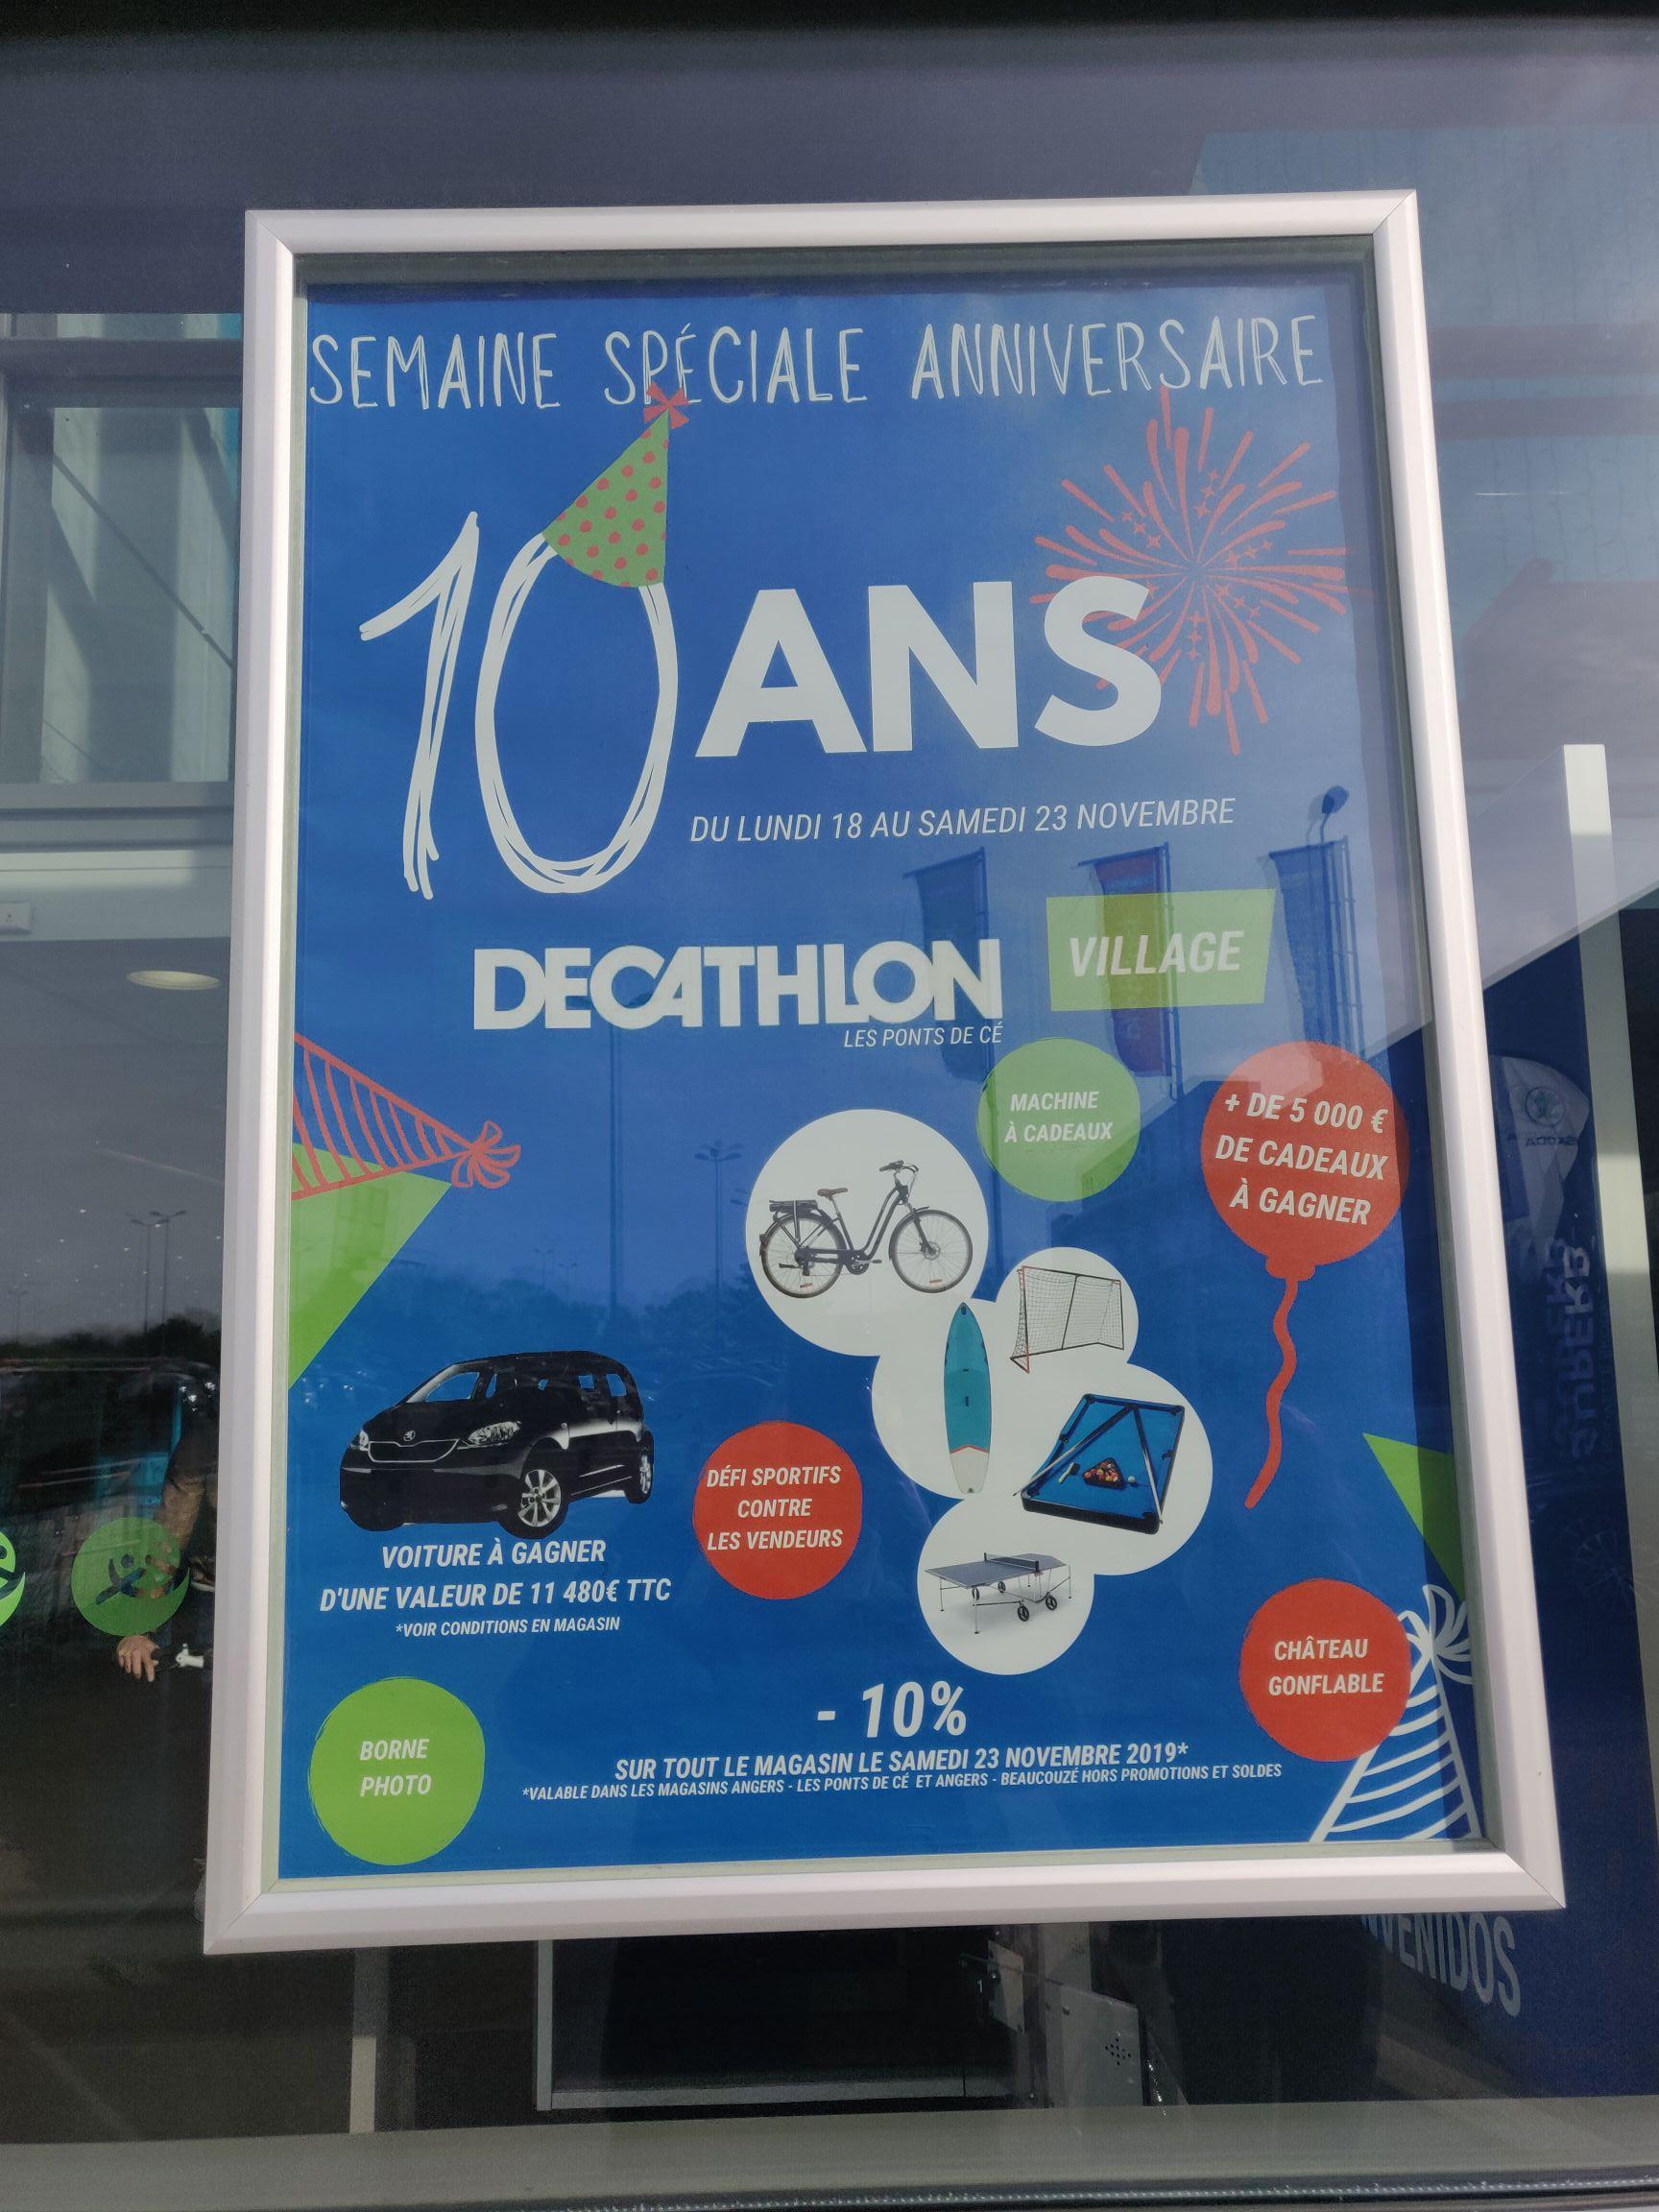 10% de réduction sur tout le magasin - Angers Les Ponts-de-Cé et Angers Beaucouzé (49)